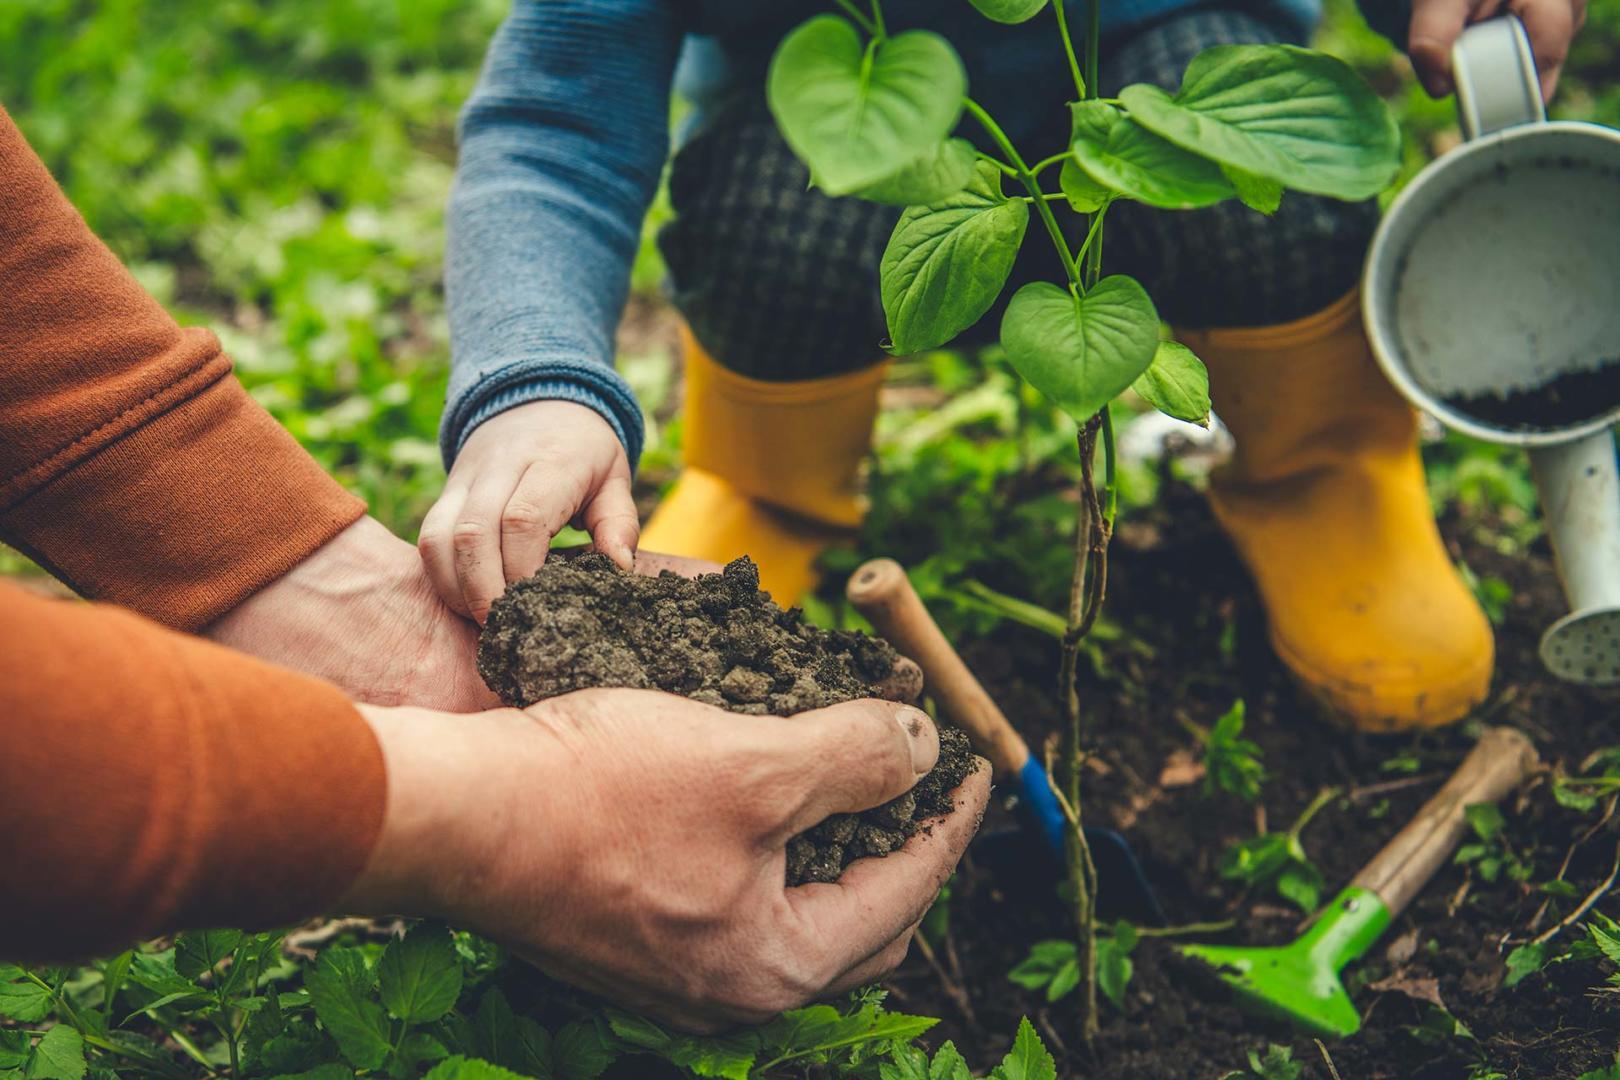 Ein Mann pflanz mit einem Kind einen Baum im Garten